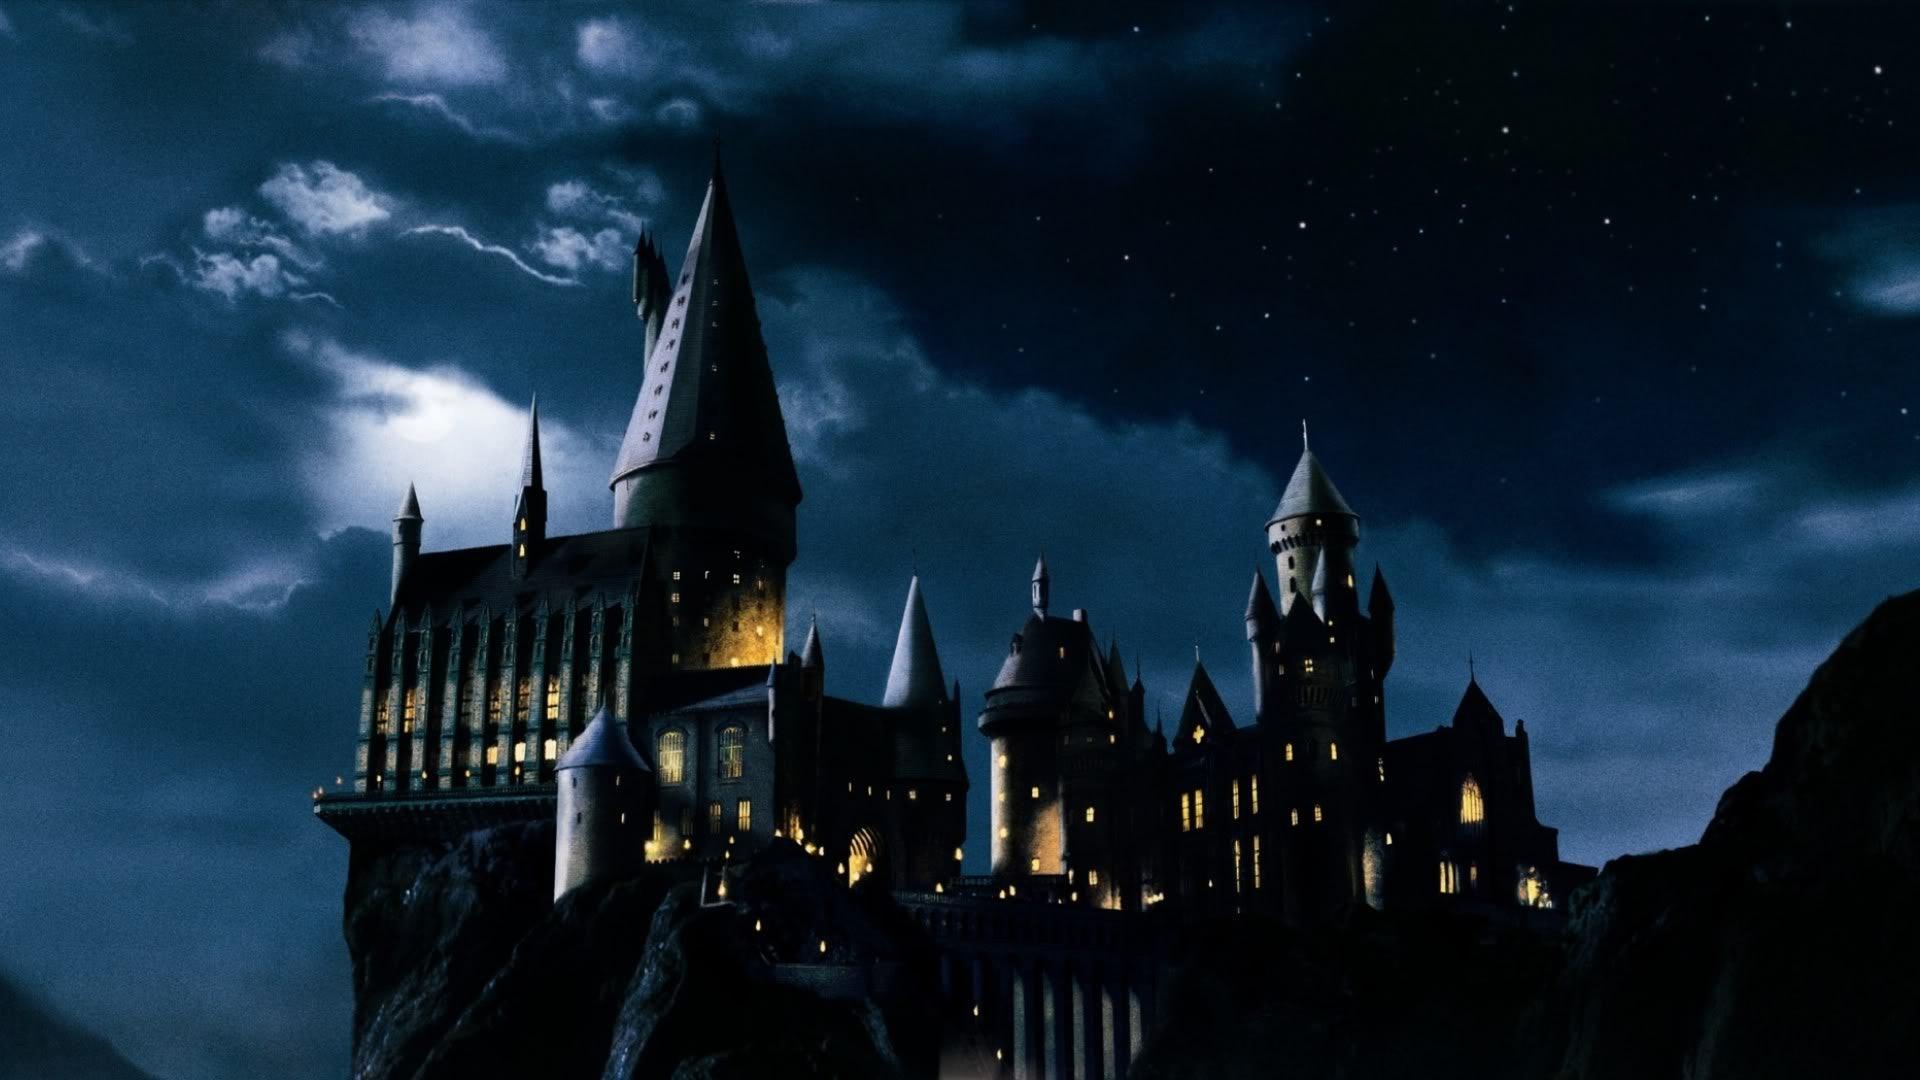 Good Wallpaper Harry Potter Concept Art - eacfaec1-1ac8-489d-aea2-1ca116fa377d  You Should Have_279434.jpg